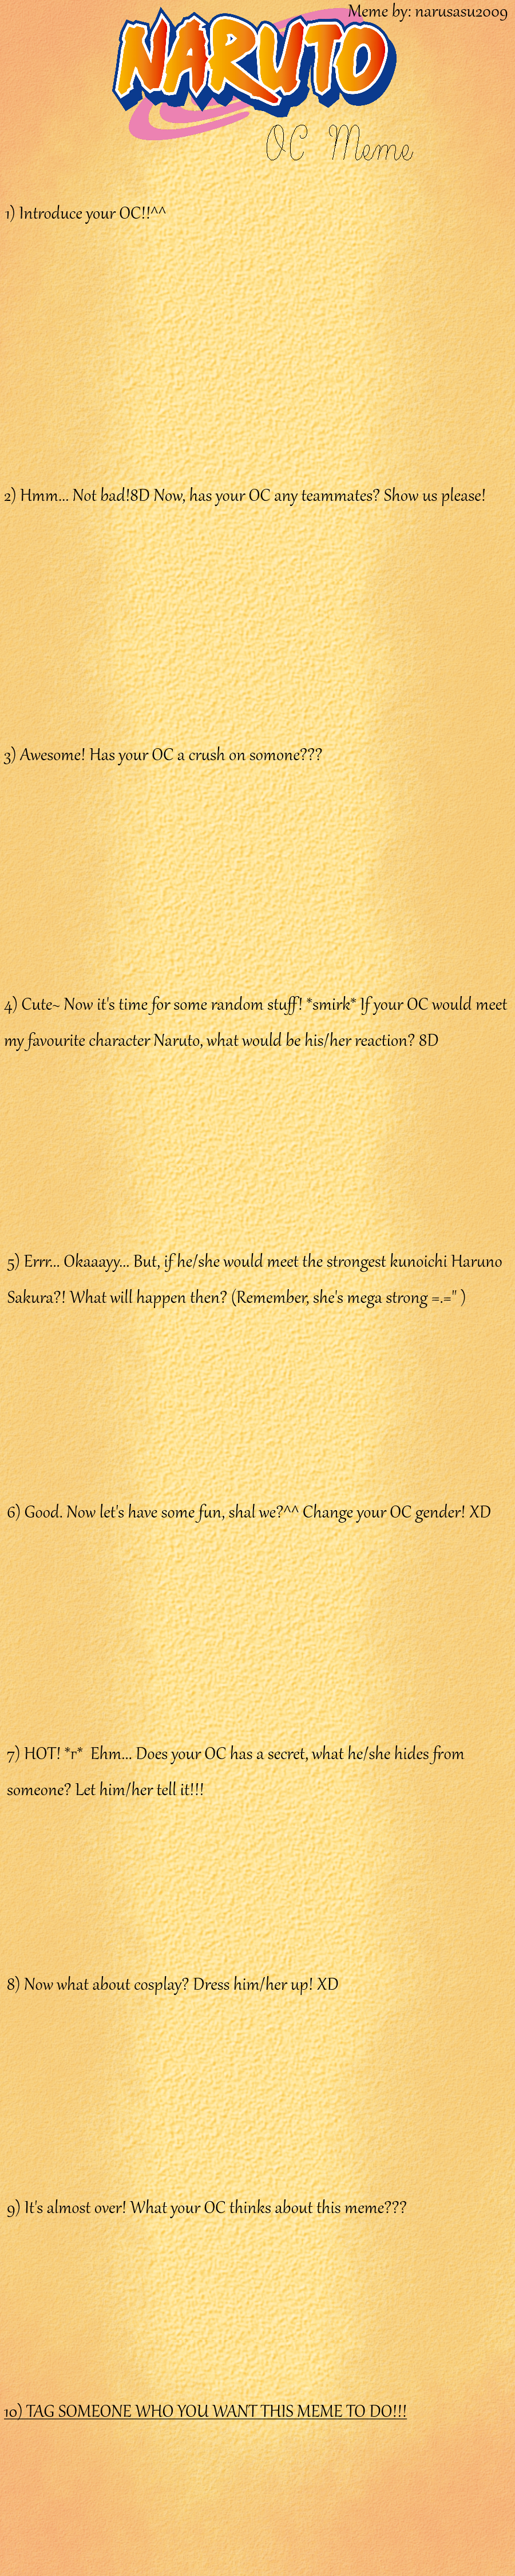 Naruto OC Meme by narusasu2009